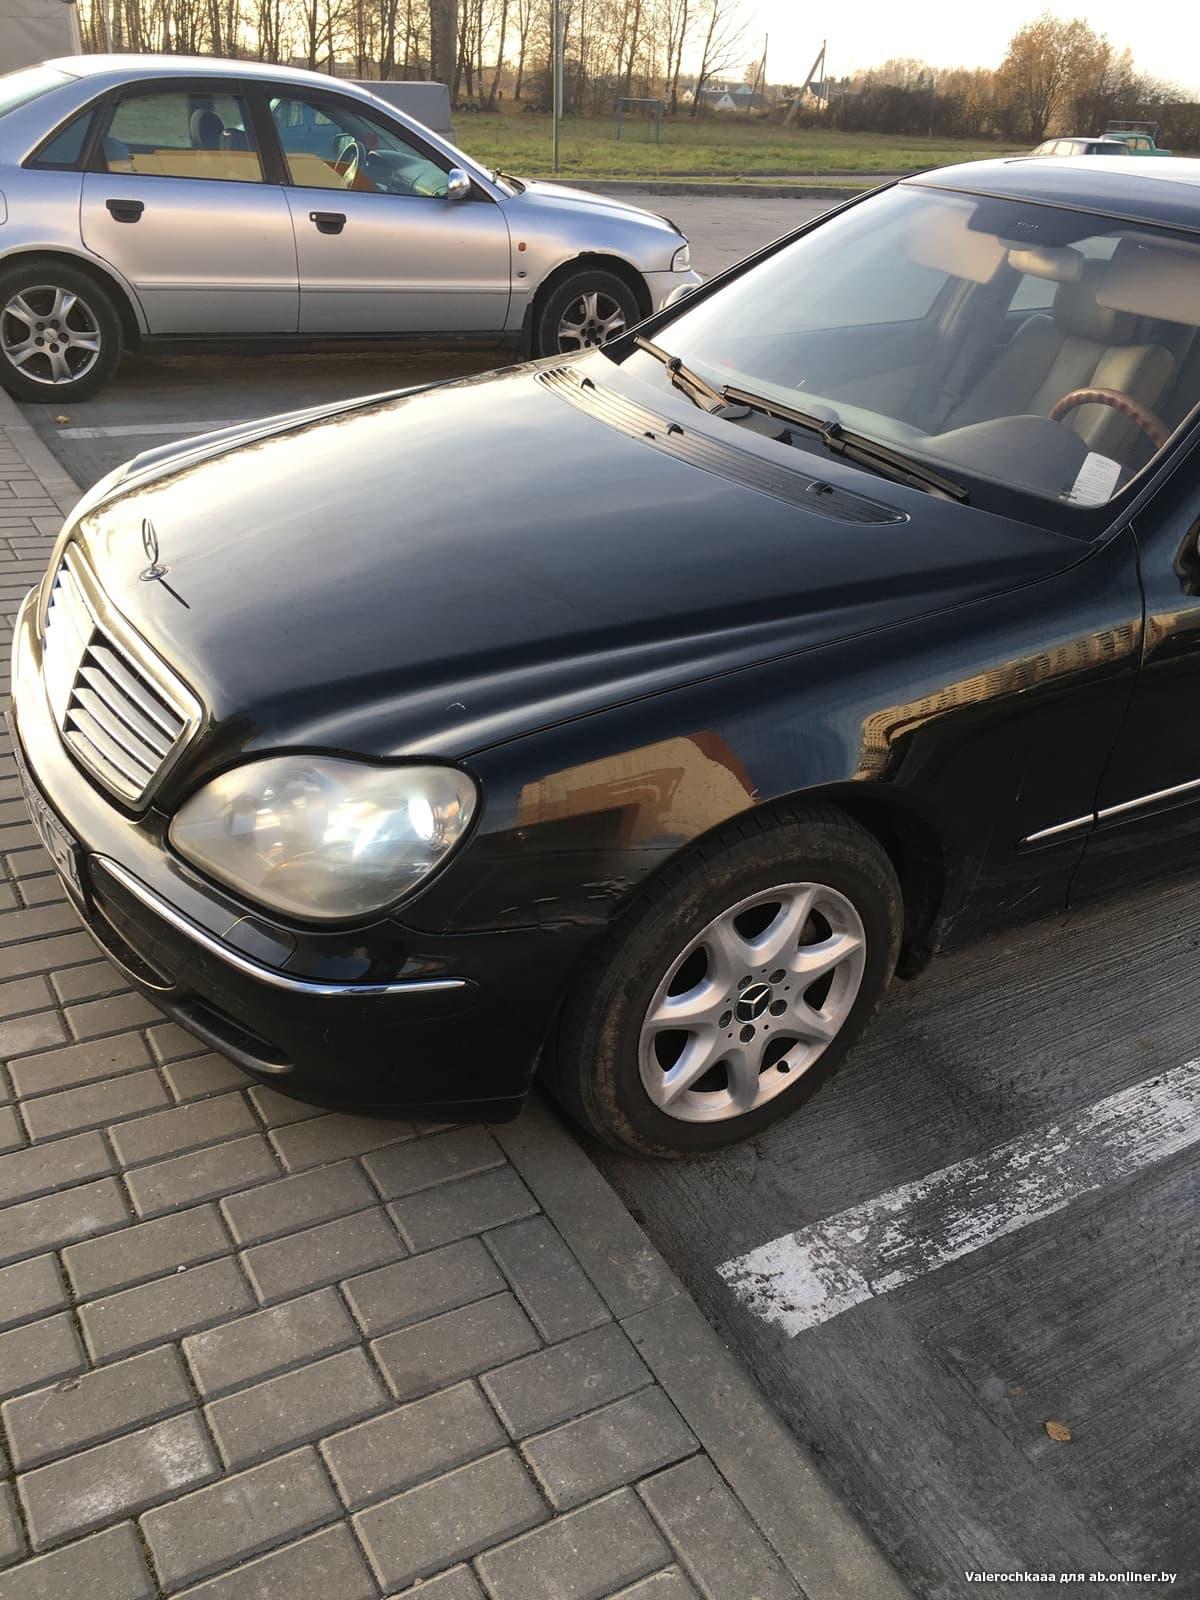 Mercedes-Benz S320 cdi